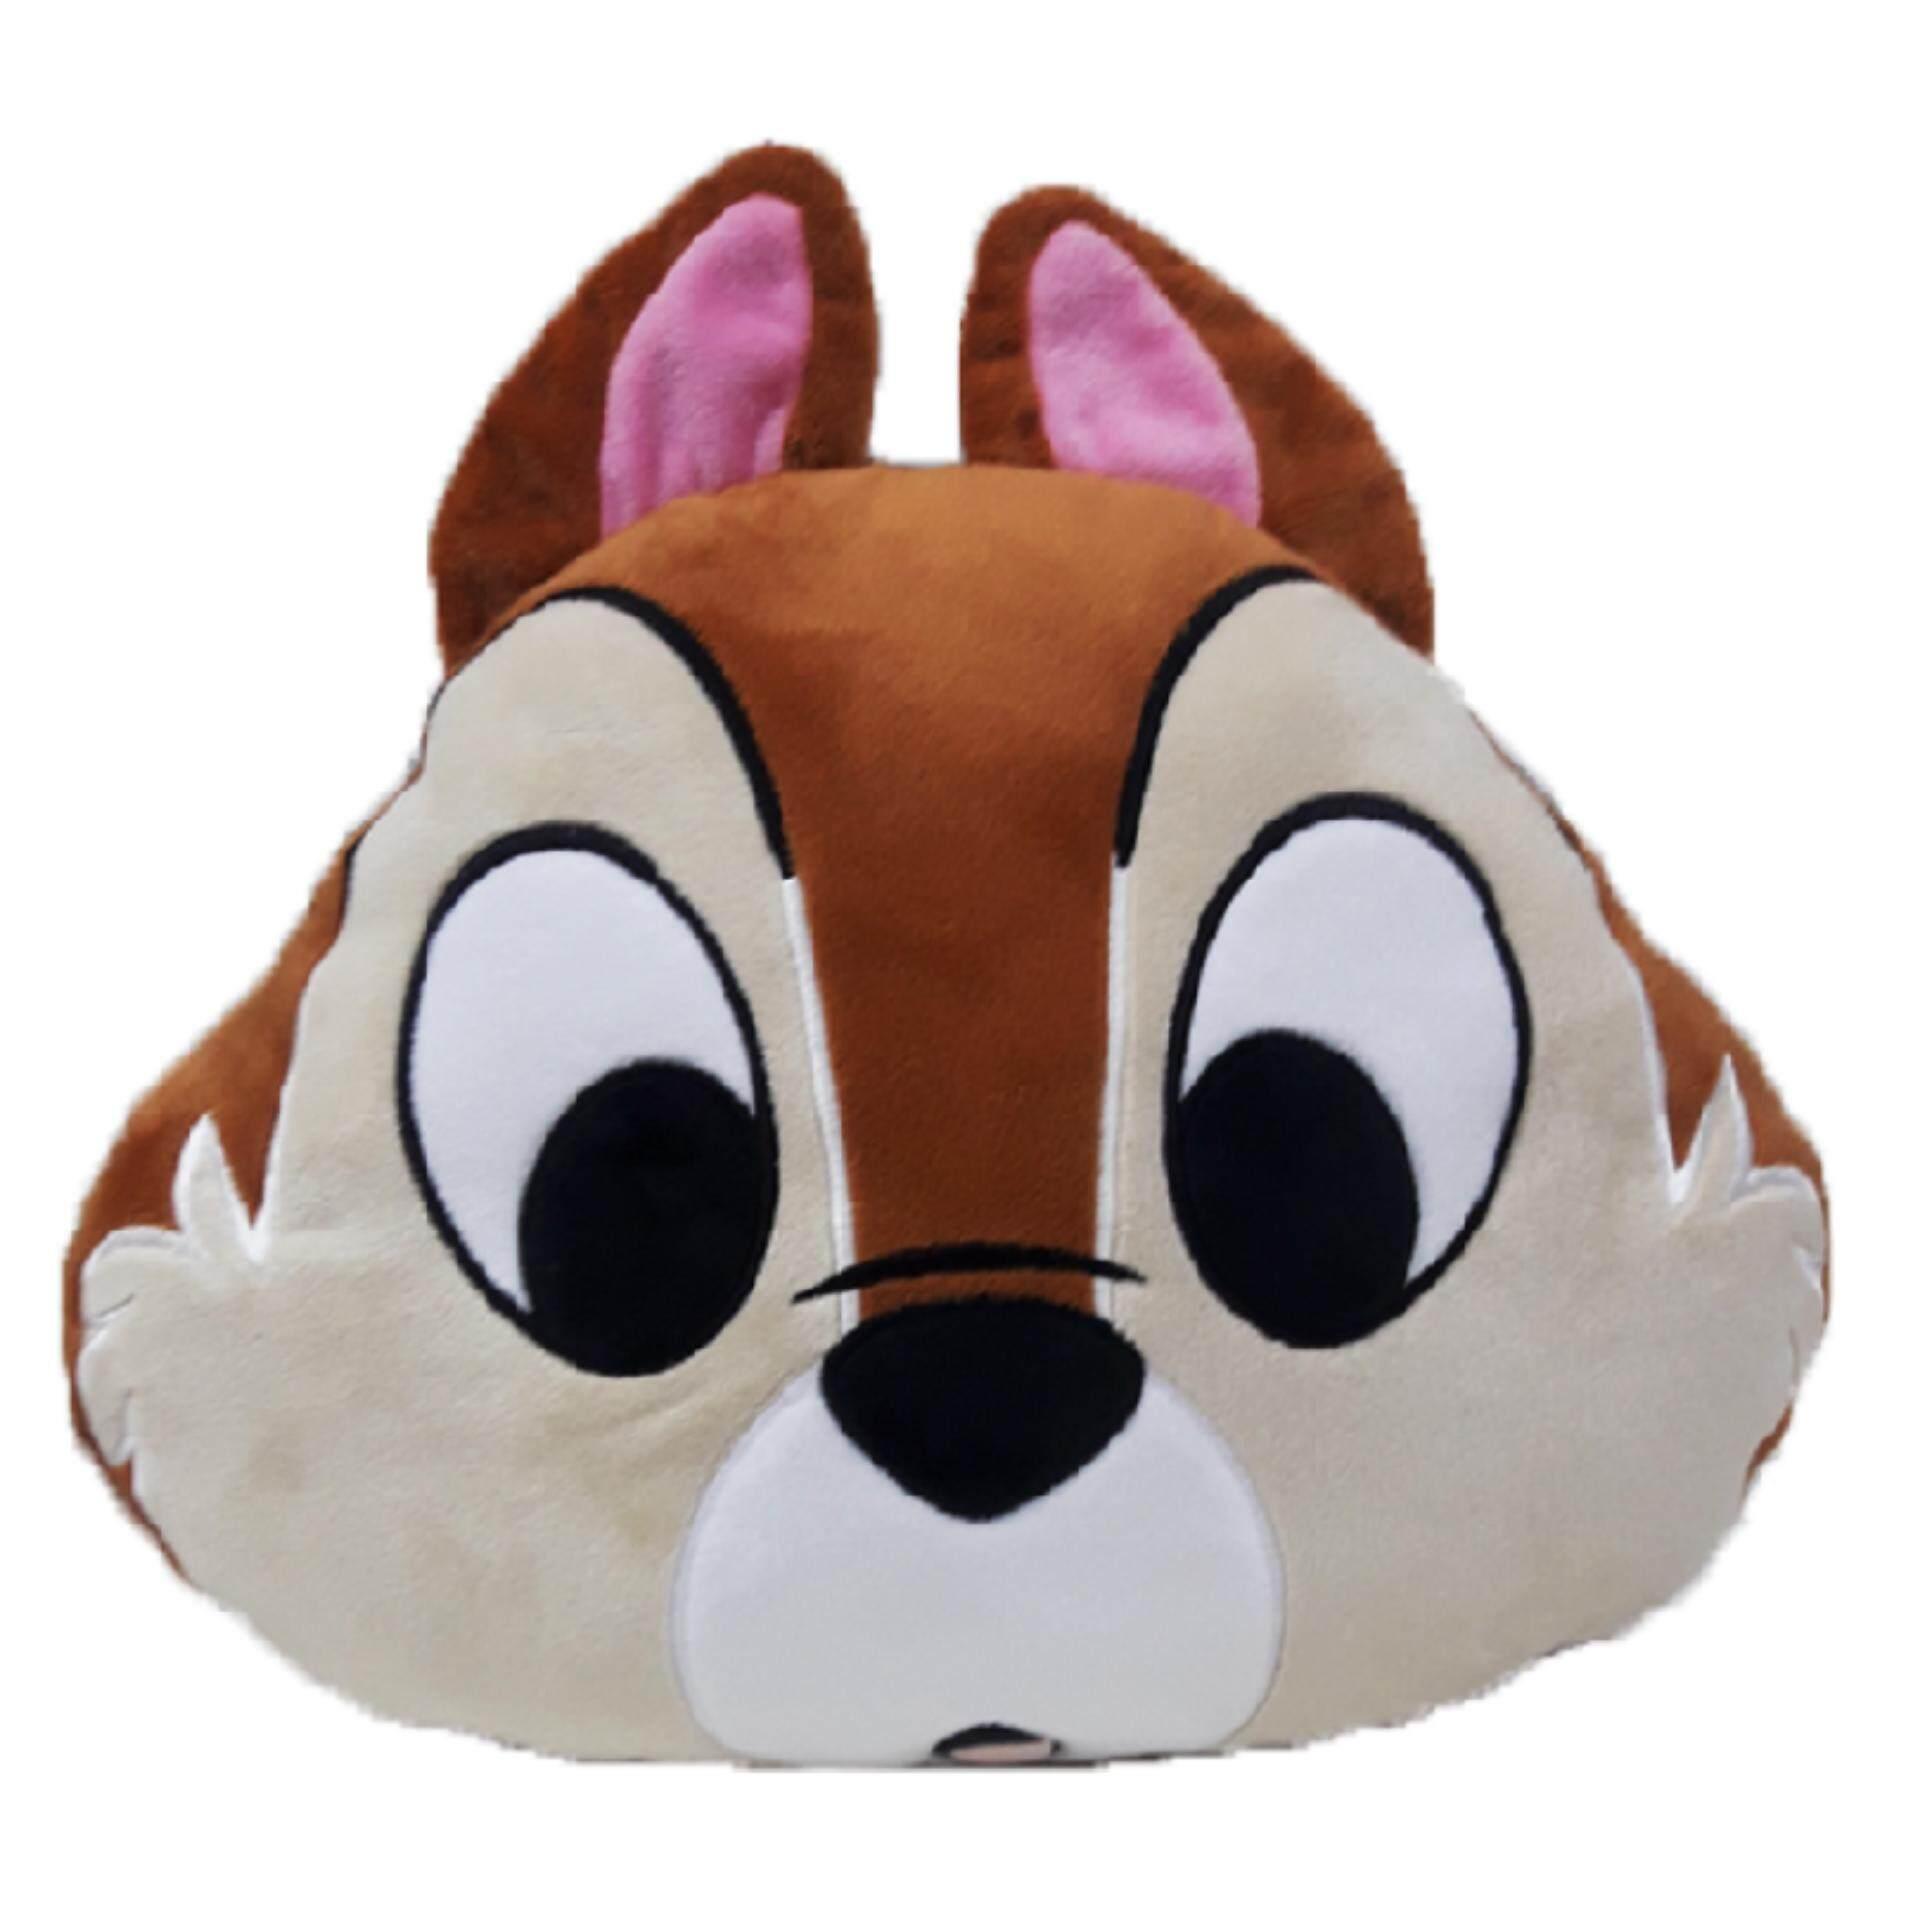 Disney Chip Face Cushion - Brown Colour